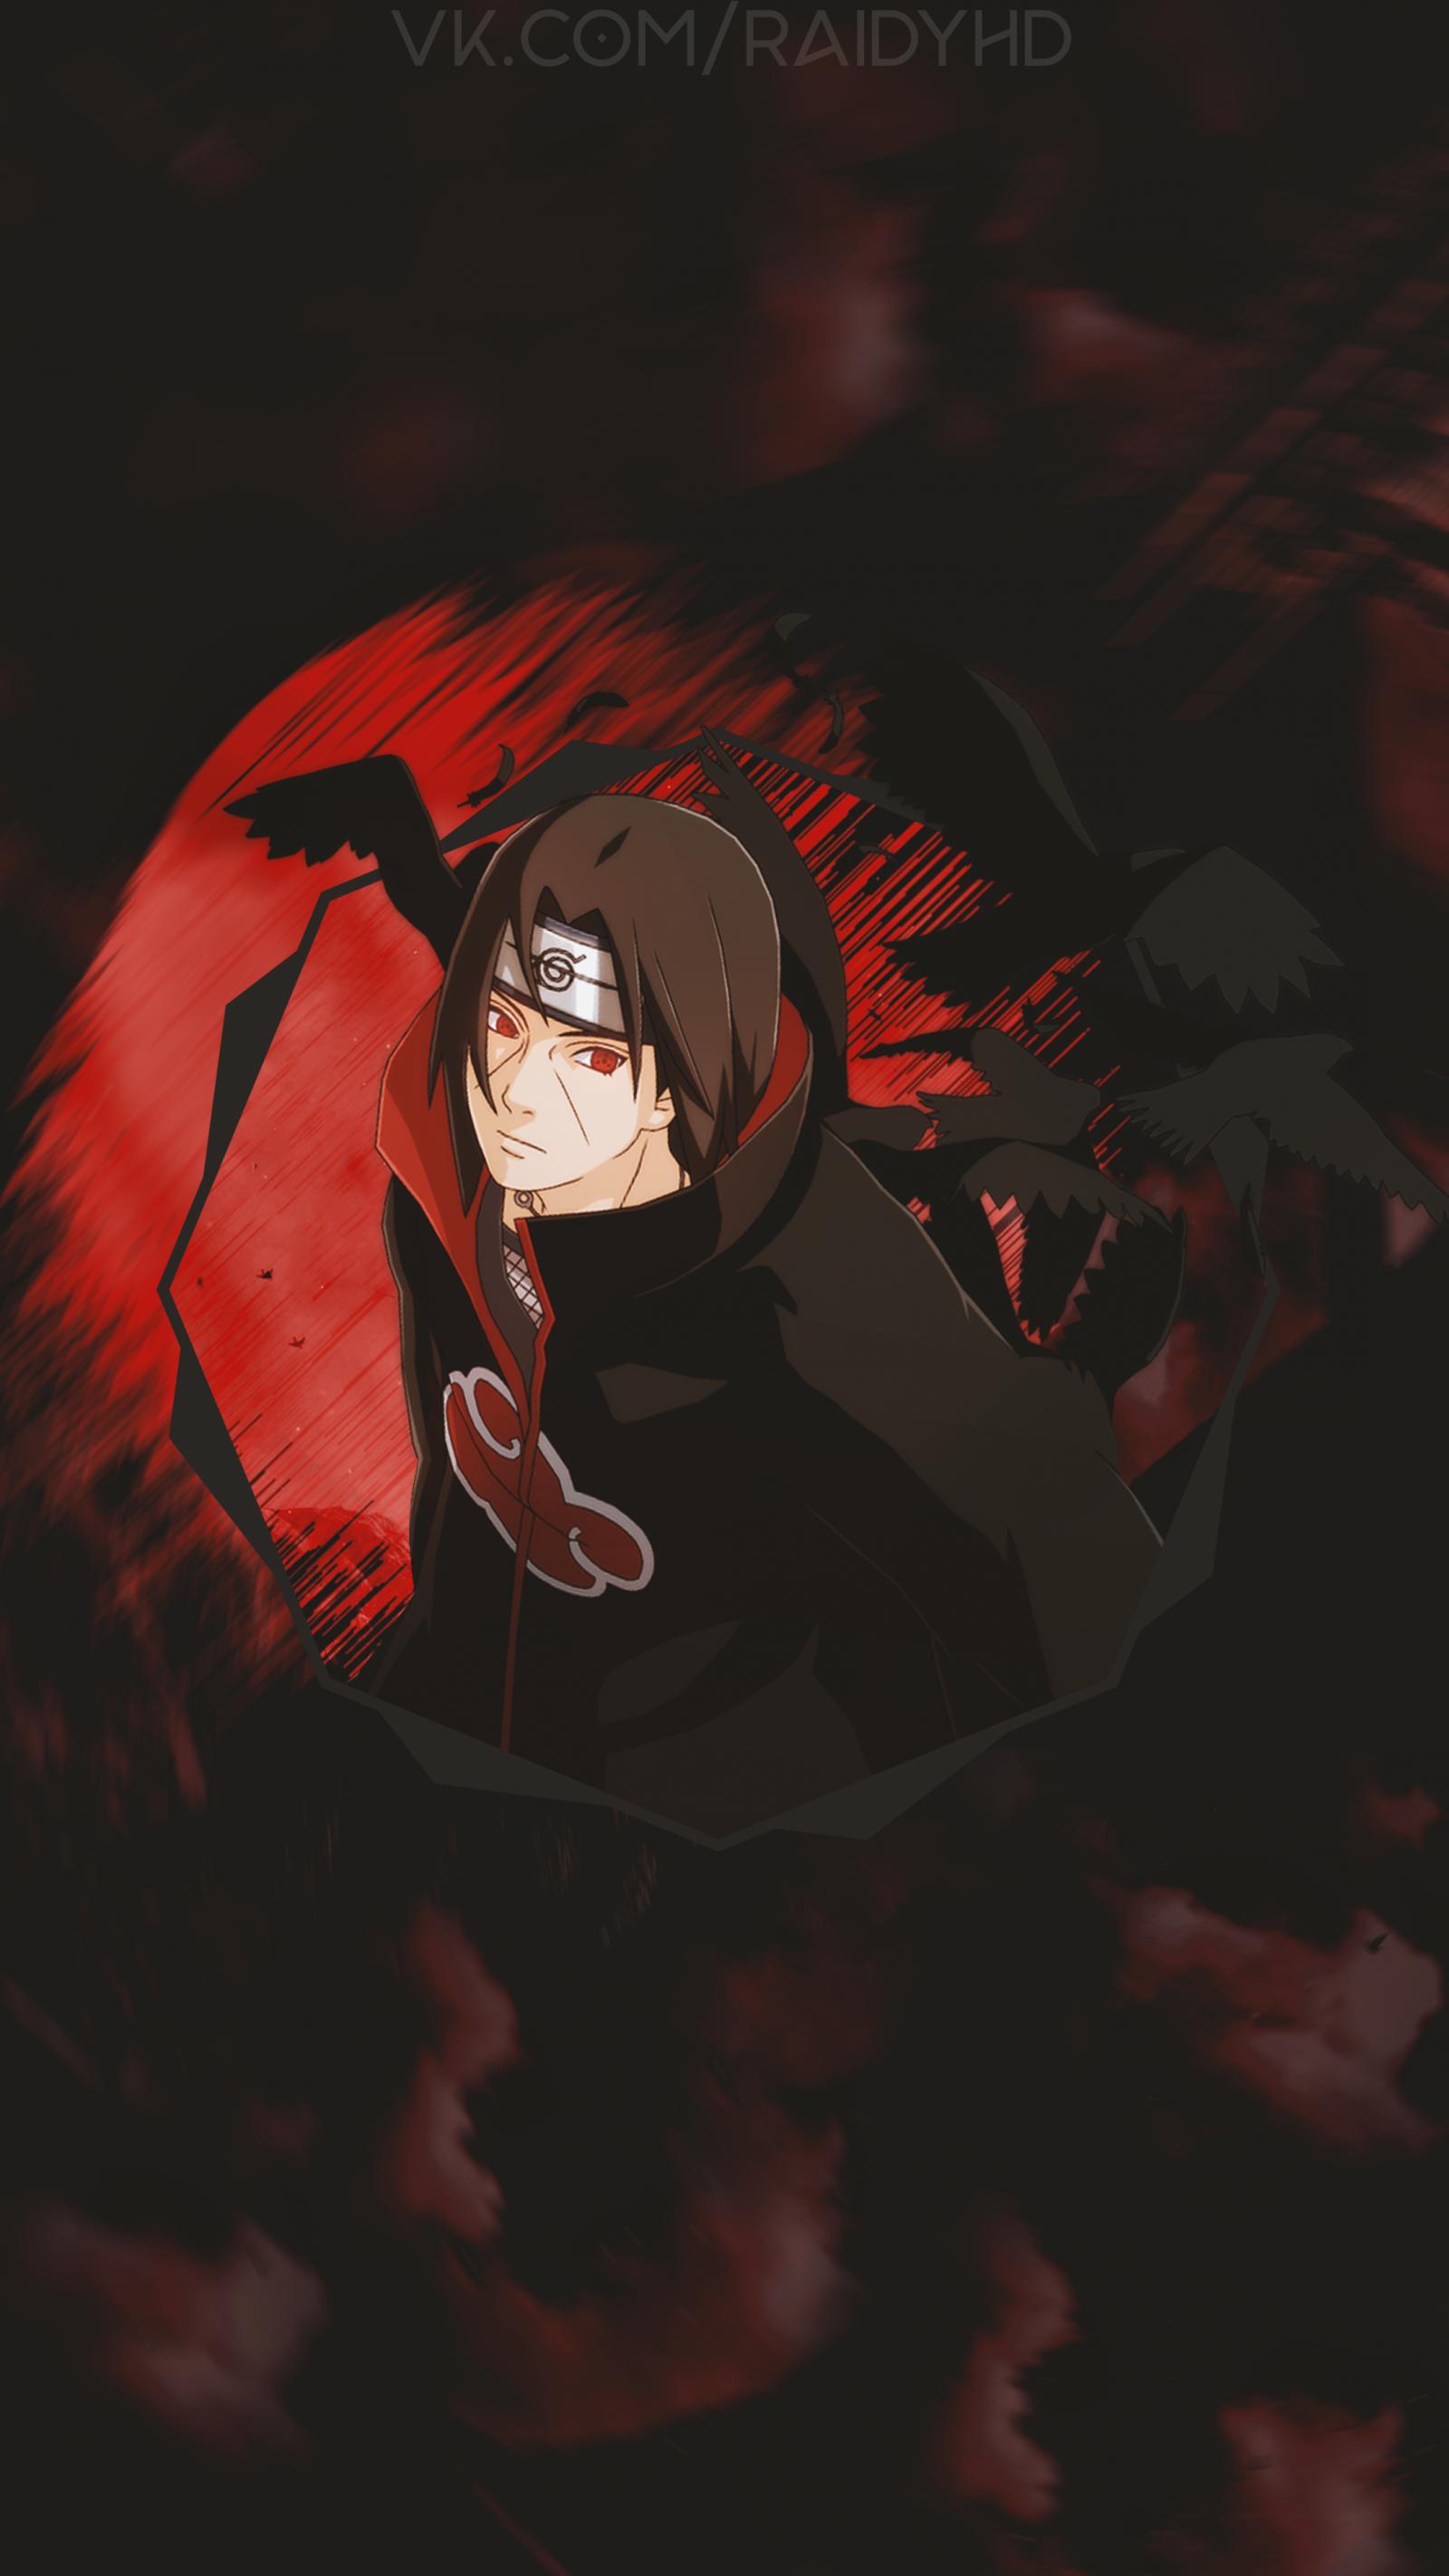 Itachi Uchiha In 2020 Itachi Uchiha Anime Naruto Itachi